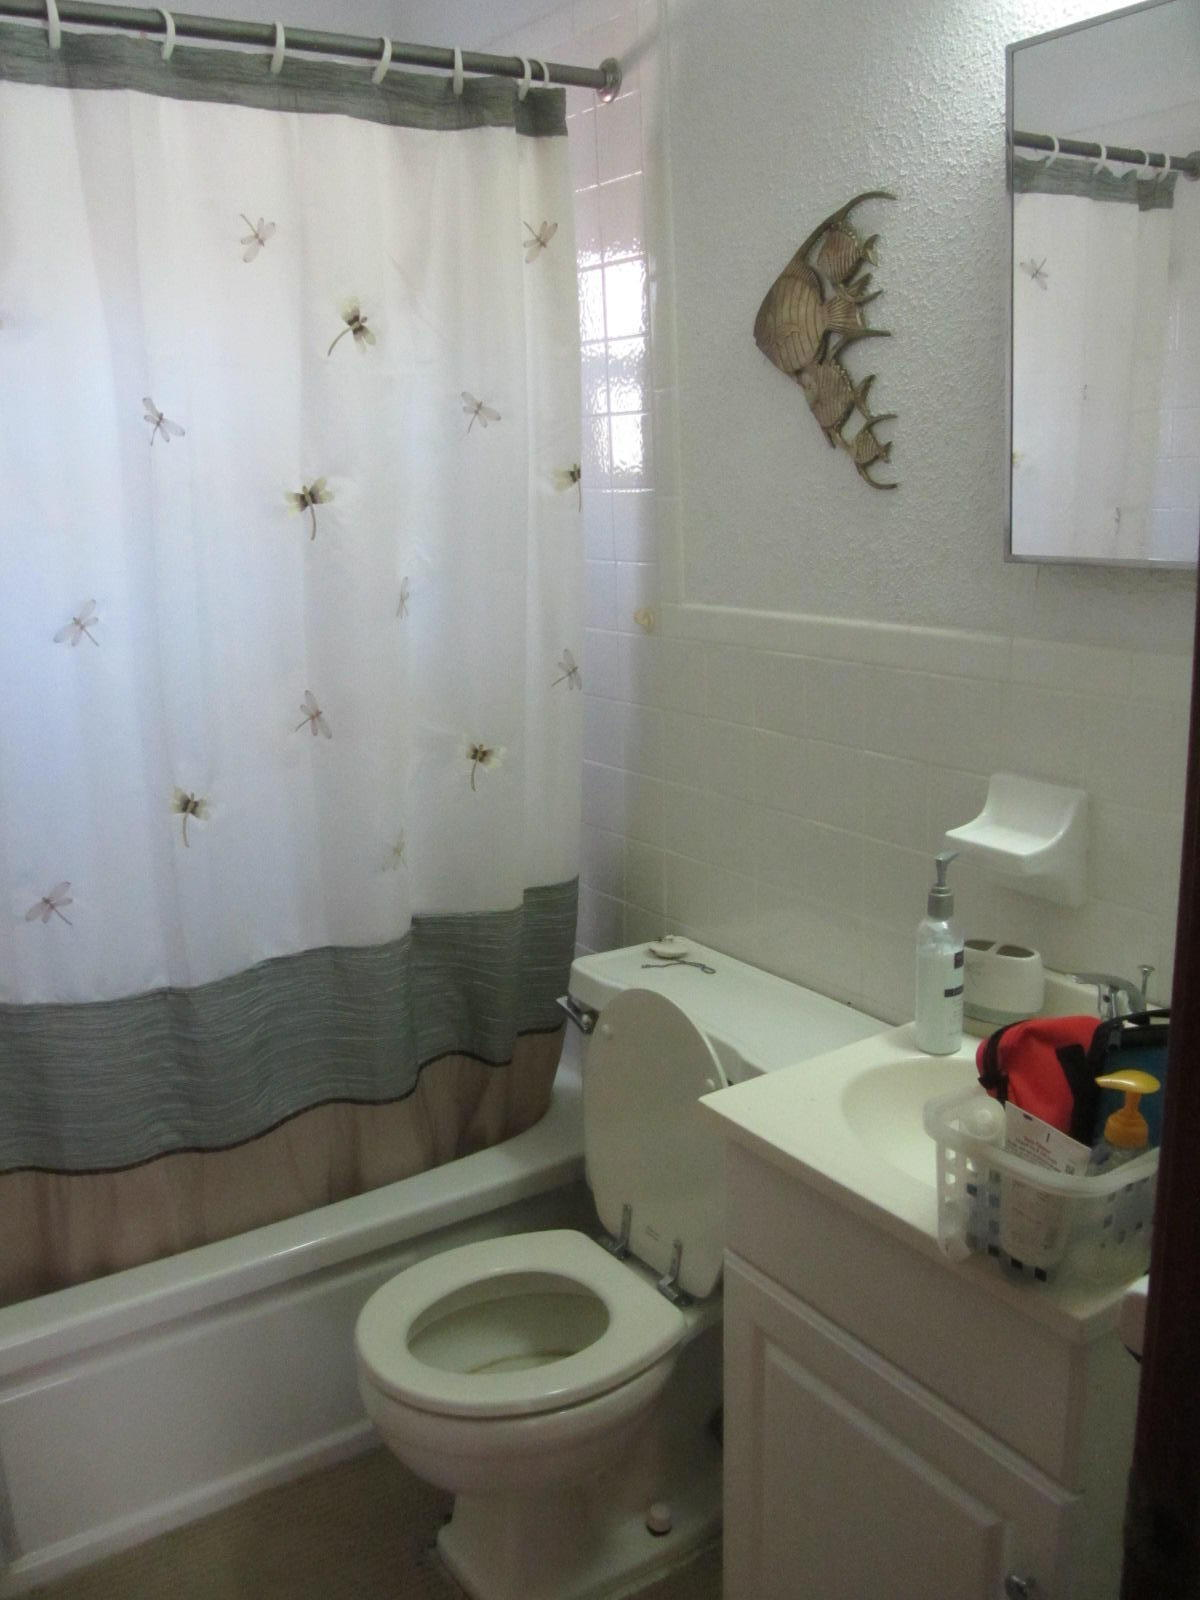 Edisto River Homes For Sale - 265 Blackwater, Round O, SC - 33